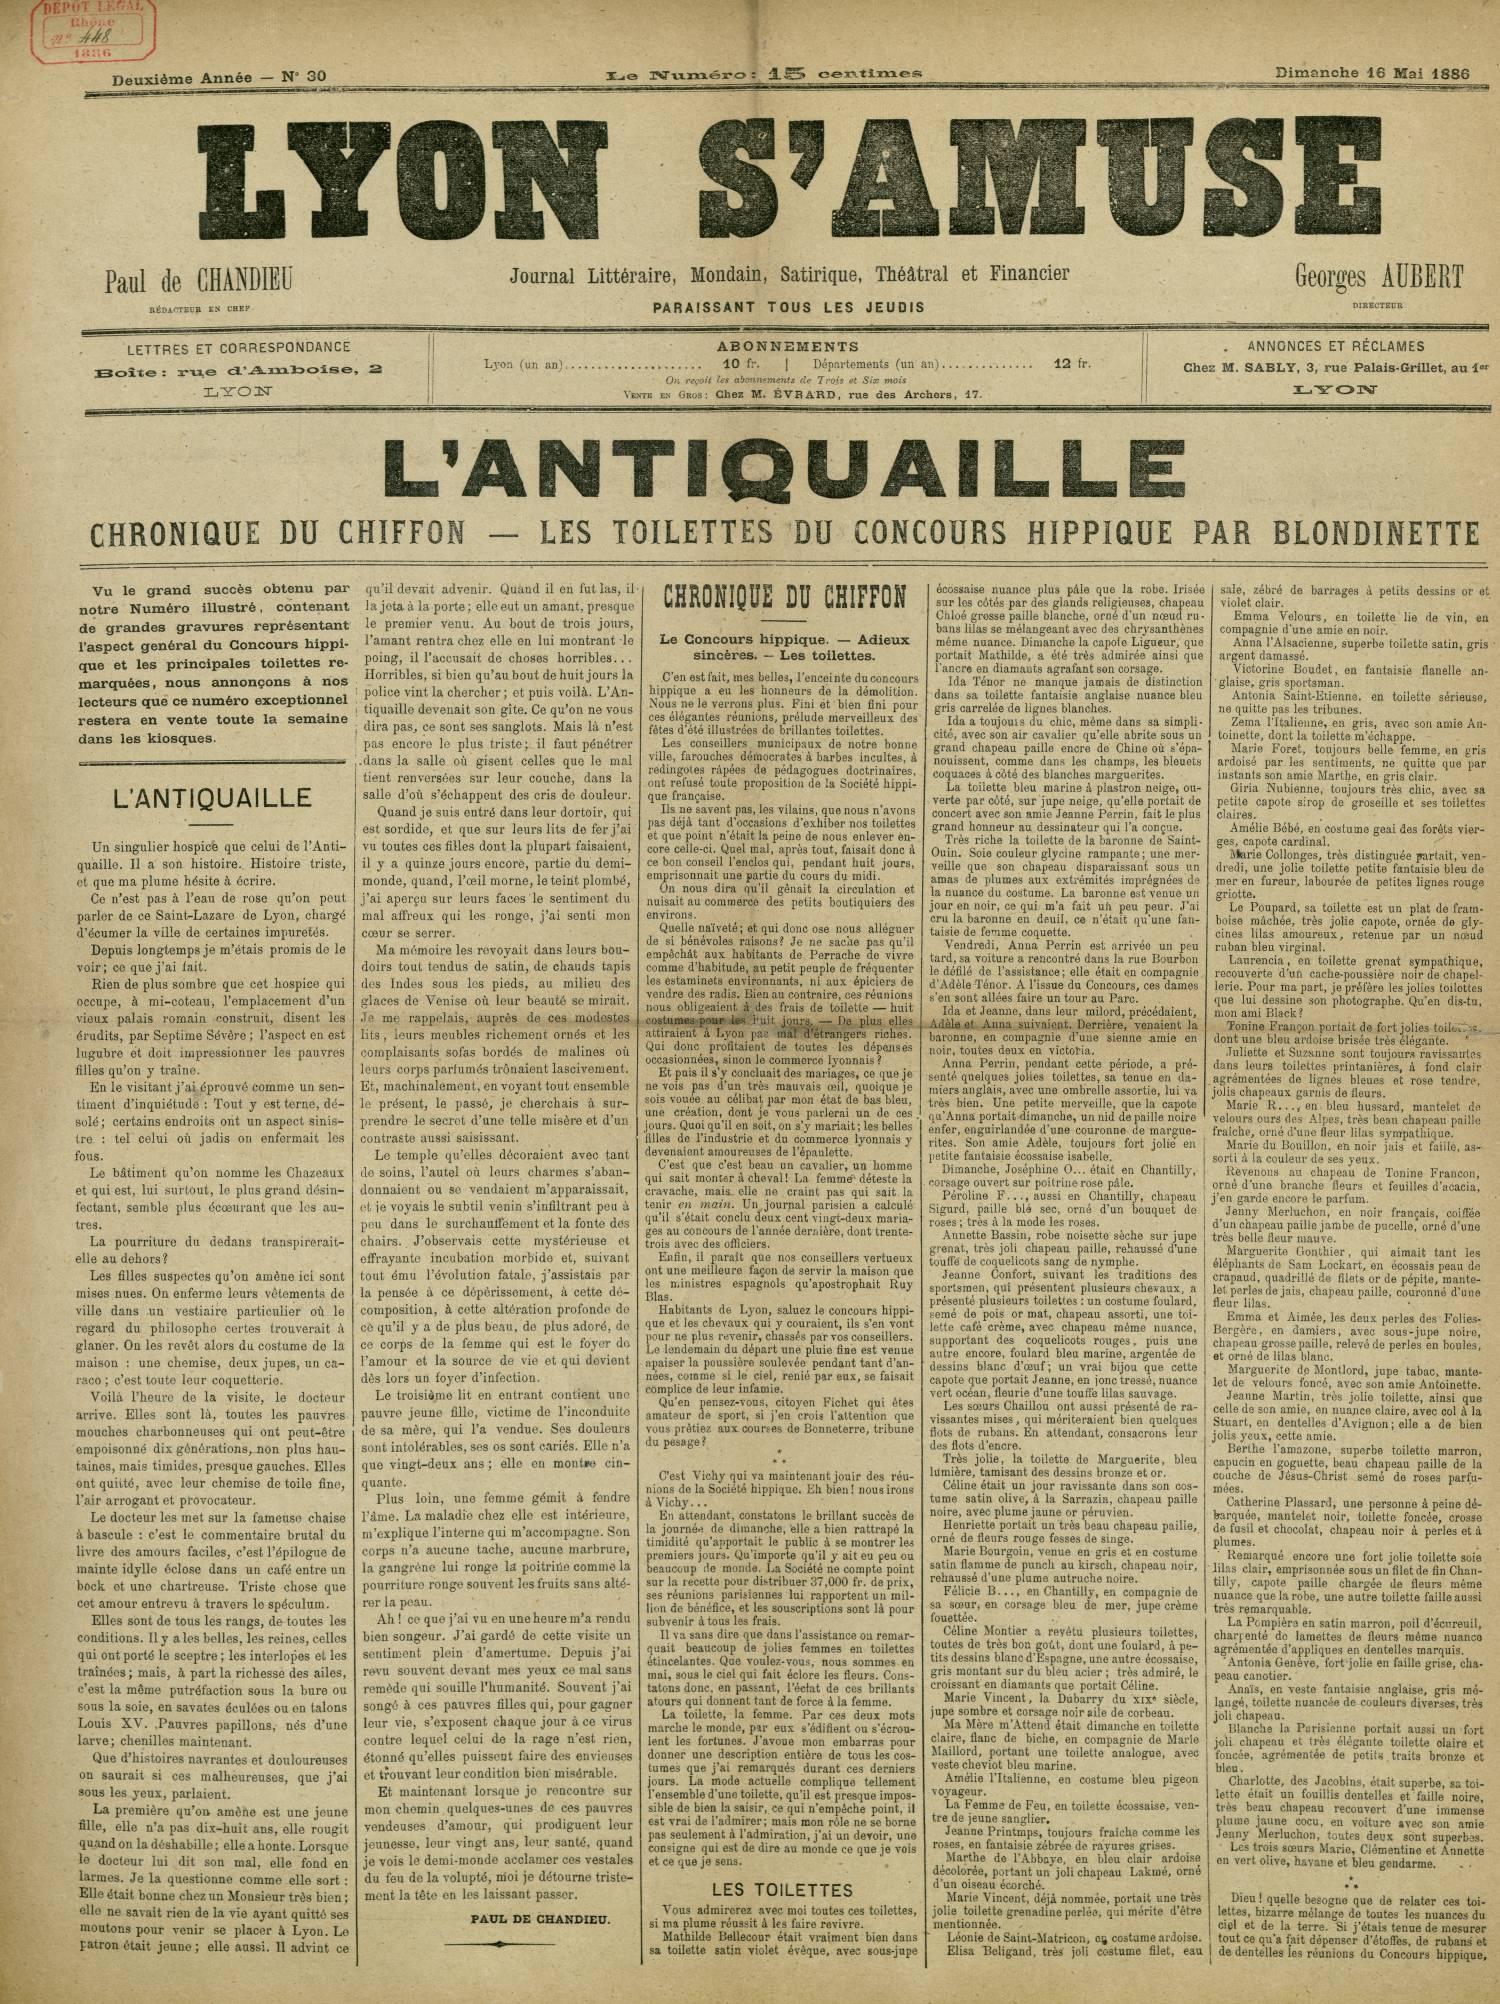 Contenu textuel de l'image : CHRONIQUE DU CHIFFON